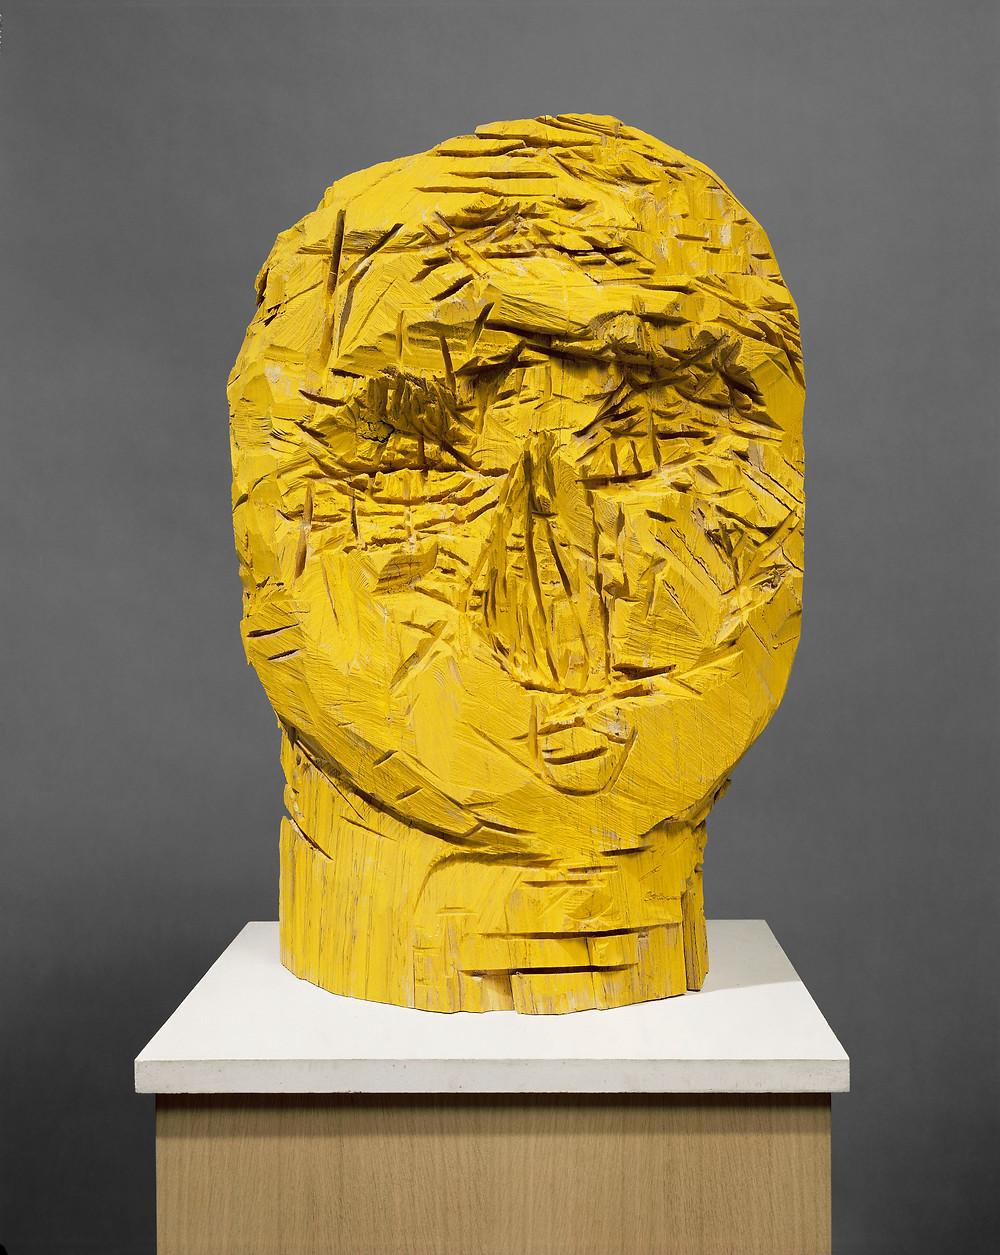 Georg Baselitz: Drezdai nők – mellettük az Elster, 1989. Olaj, bükkfa, 91 x 67,5 x 32,5 cm. Sammlung Würth, Würth. Fotó: Bill Jacobson Studio, New York © Georg Baselitz.